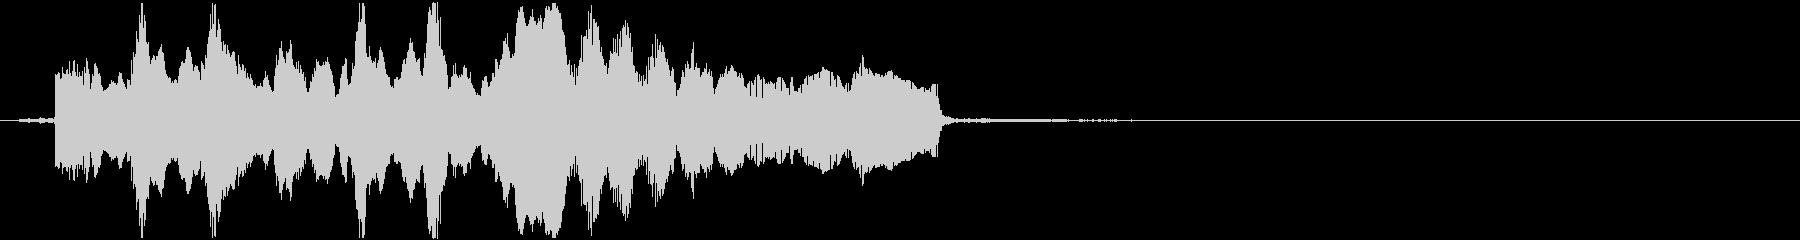 メルヘンなベルとアコーディオンのジングルの未再生の波形